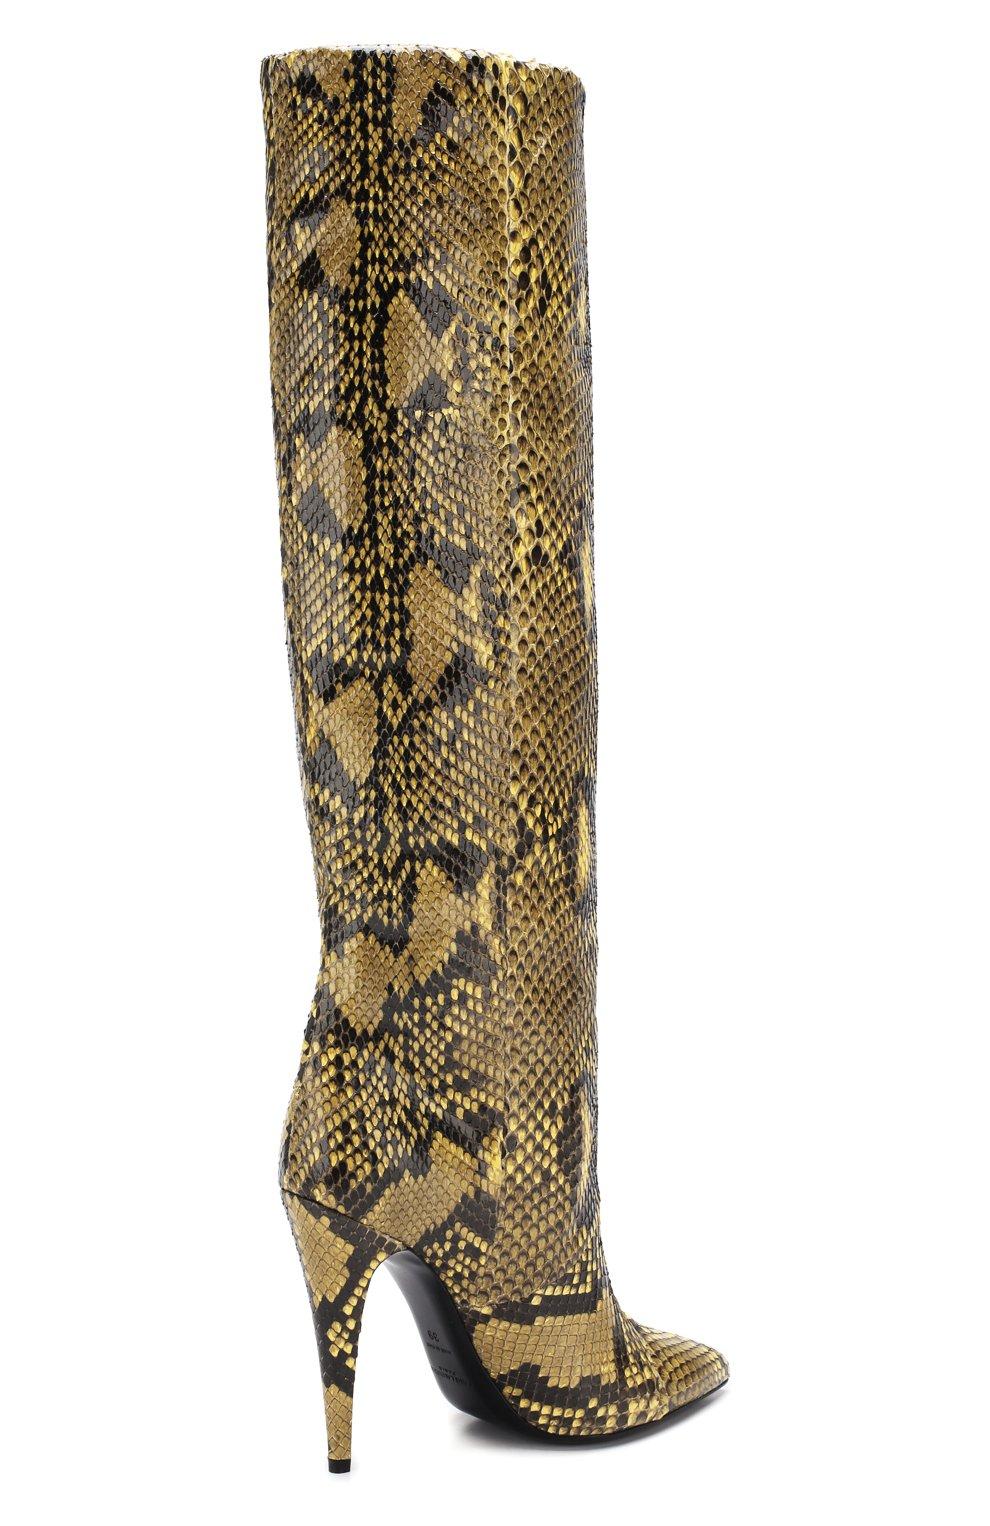 Сапоги Abbey из кожи питона Saint Laurent золотые | Фото №4